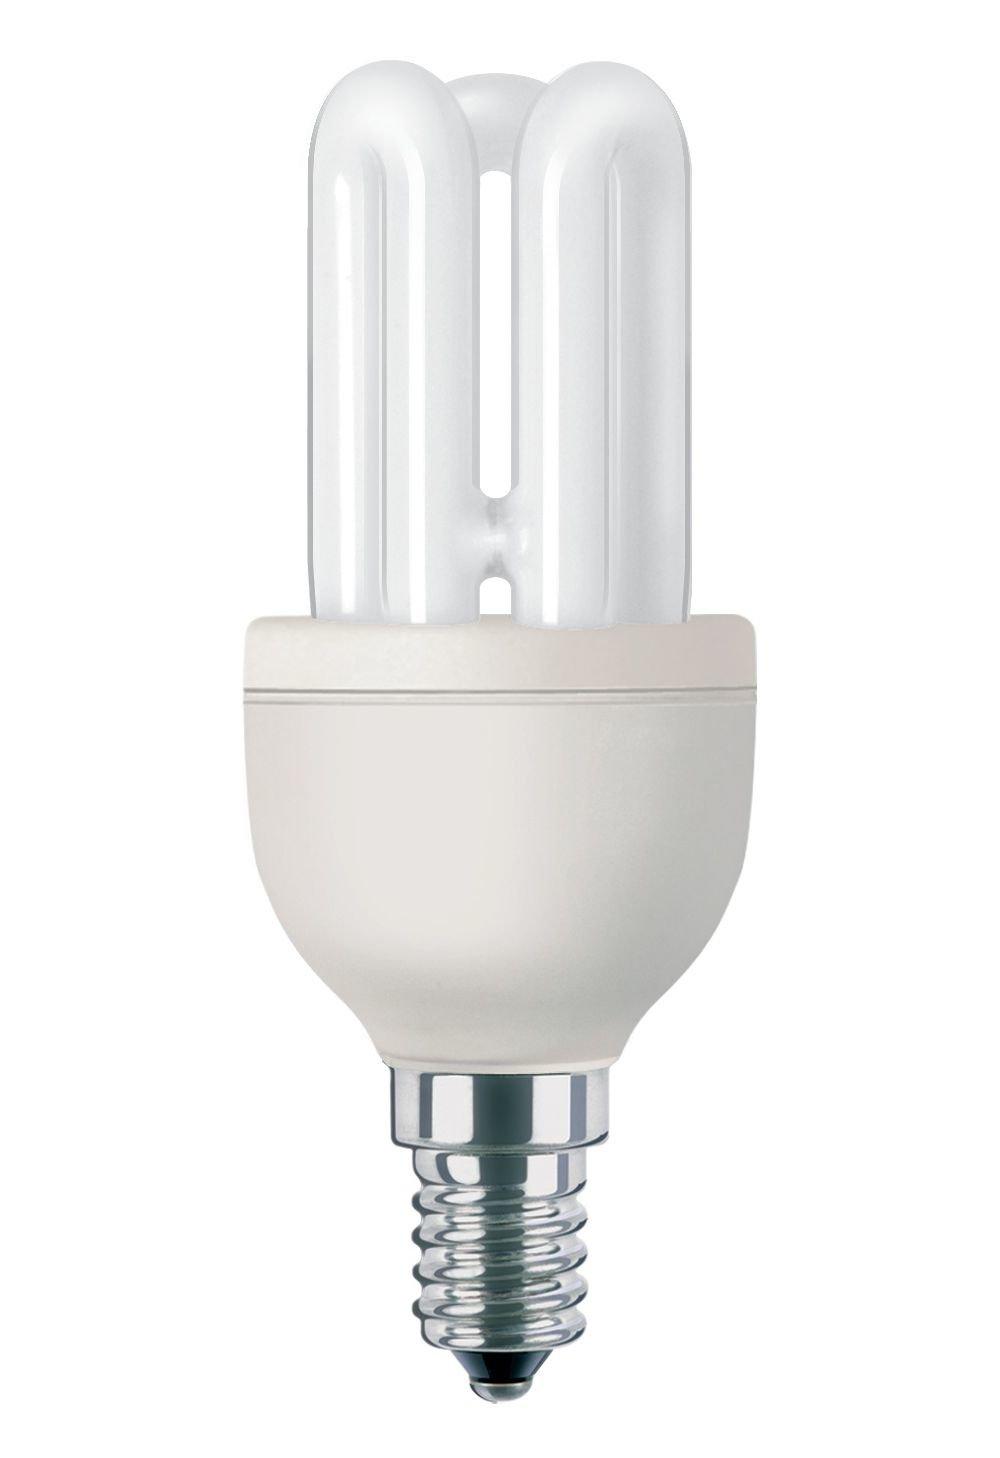 /Ampoules fluorescentes Philips Genie Ampoule /à /économie d/énergie tube 872790082747700/ampoule fluorescente/ 8/W, 38/W, Stick, E14, 400/lm, lumi/ère du jour froide